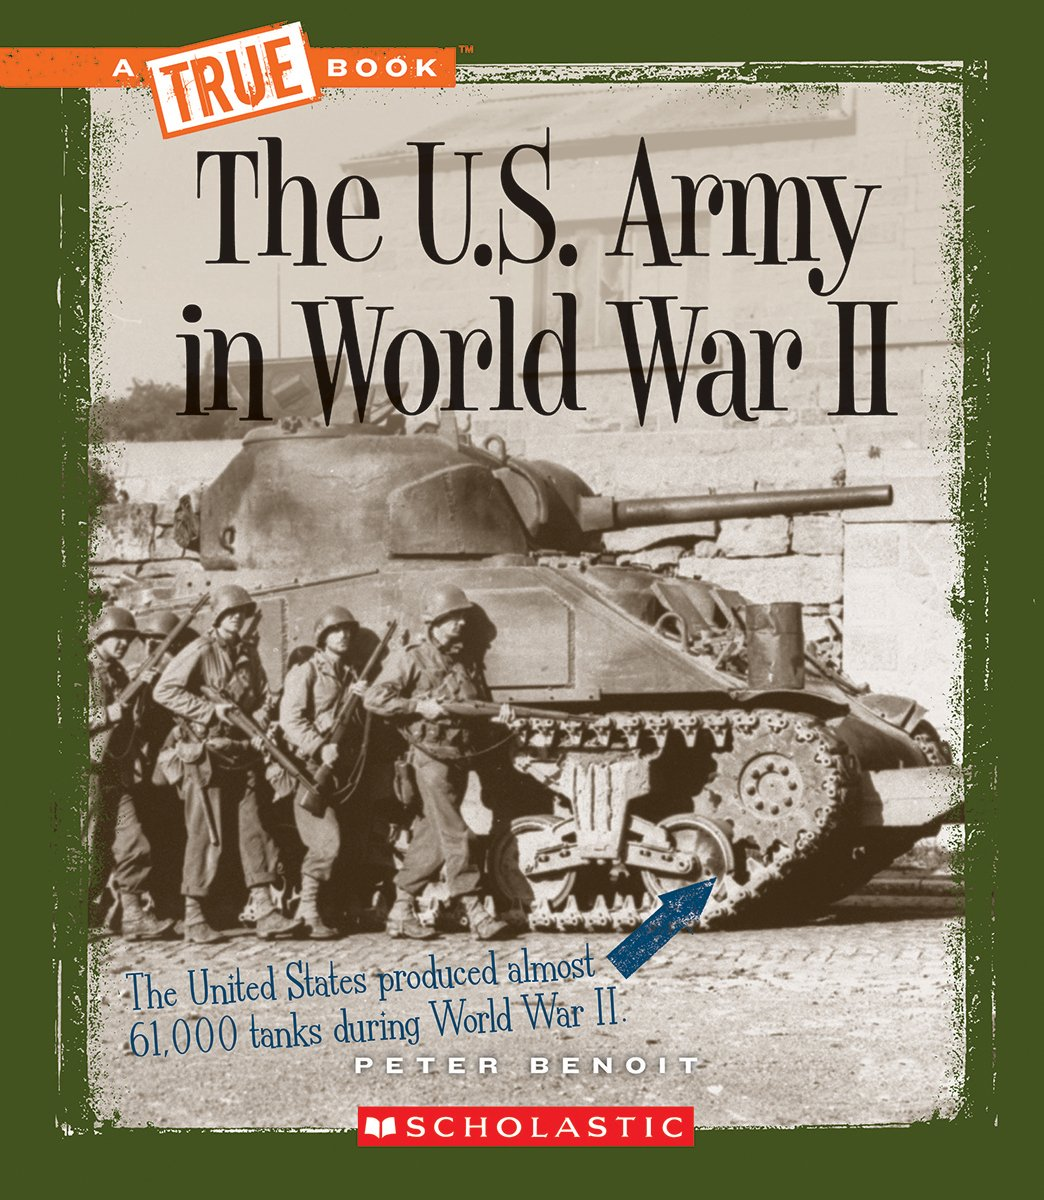 The U.S. Army in World War II (True Books)